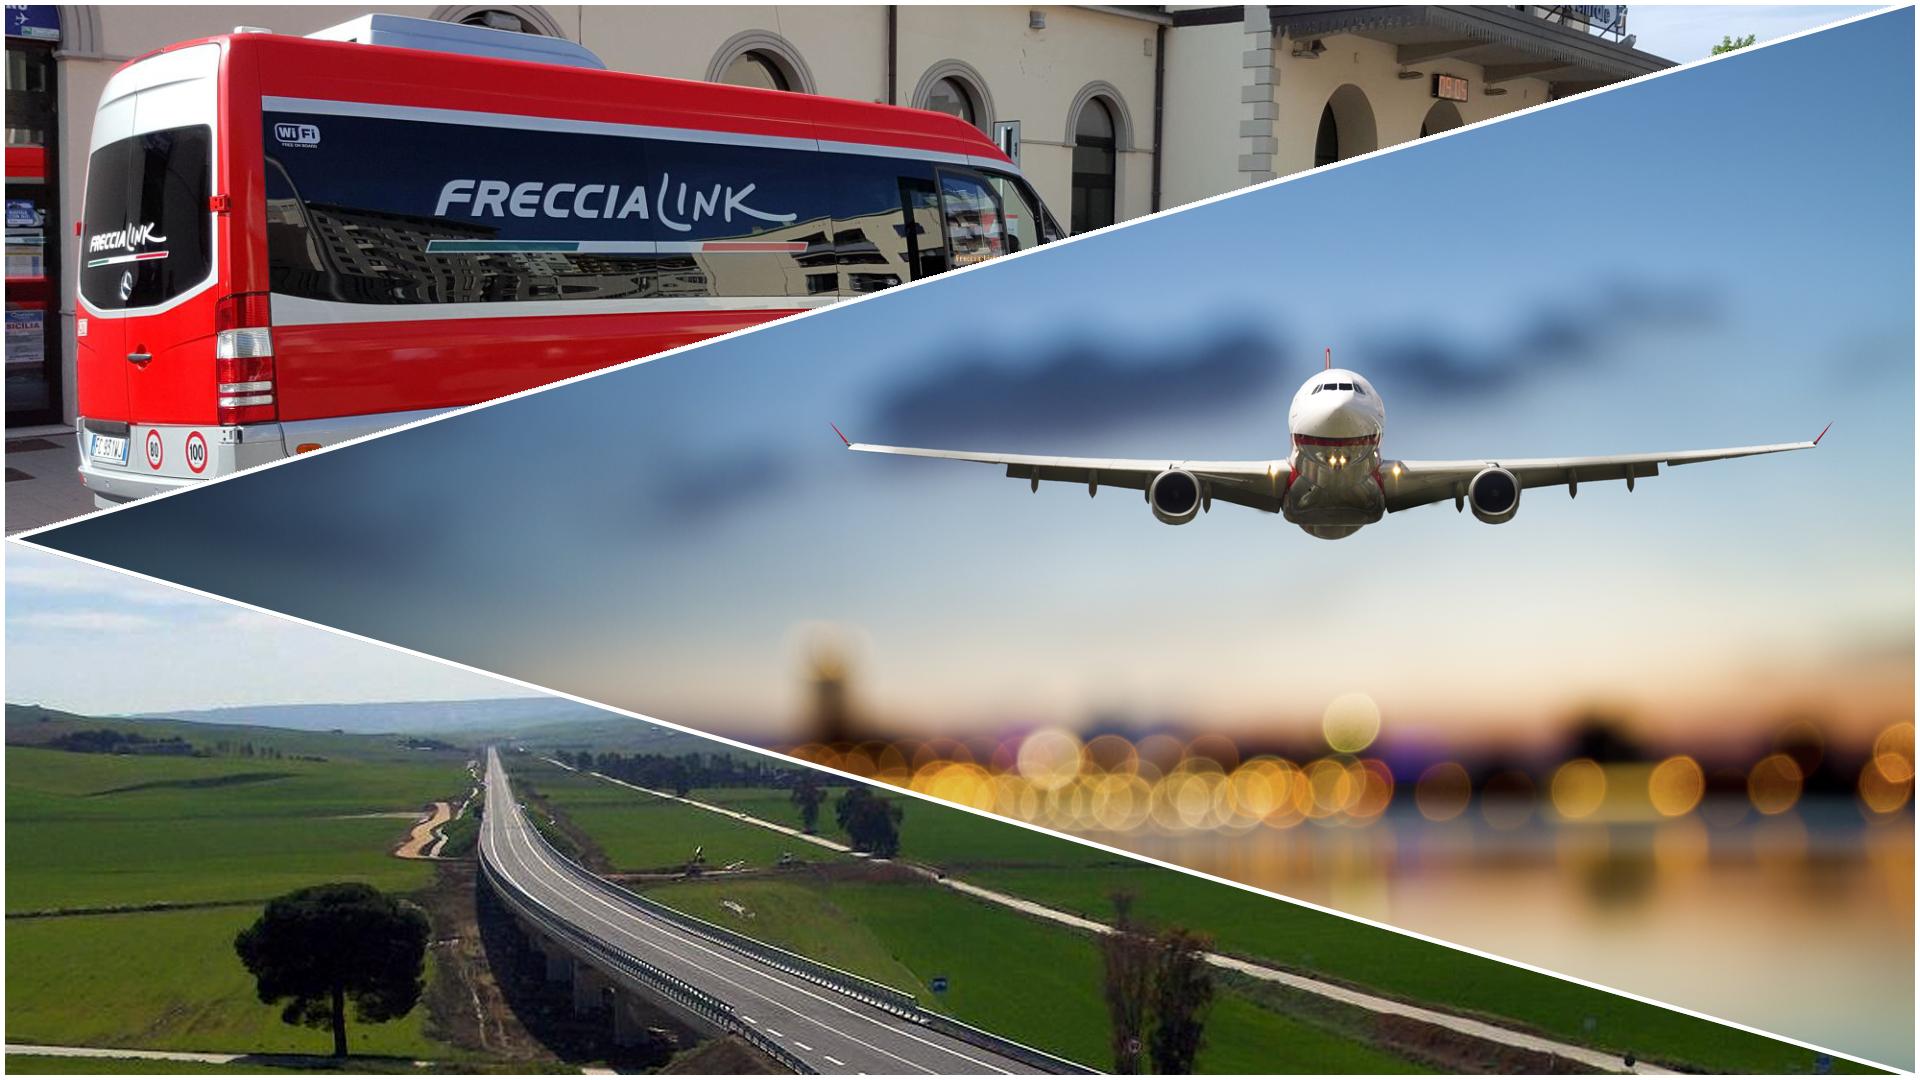 """Sei su: Come arrivare a Matera. Immagine tripartita con autobus freccialink, aereo in atterraggio, vista della SS655 """"Bradanica""""."""